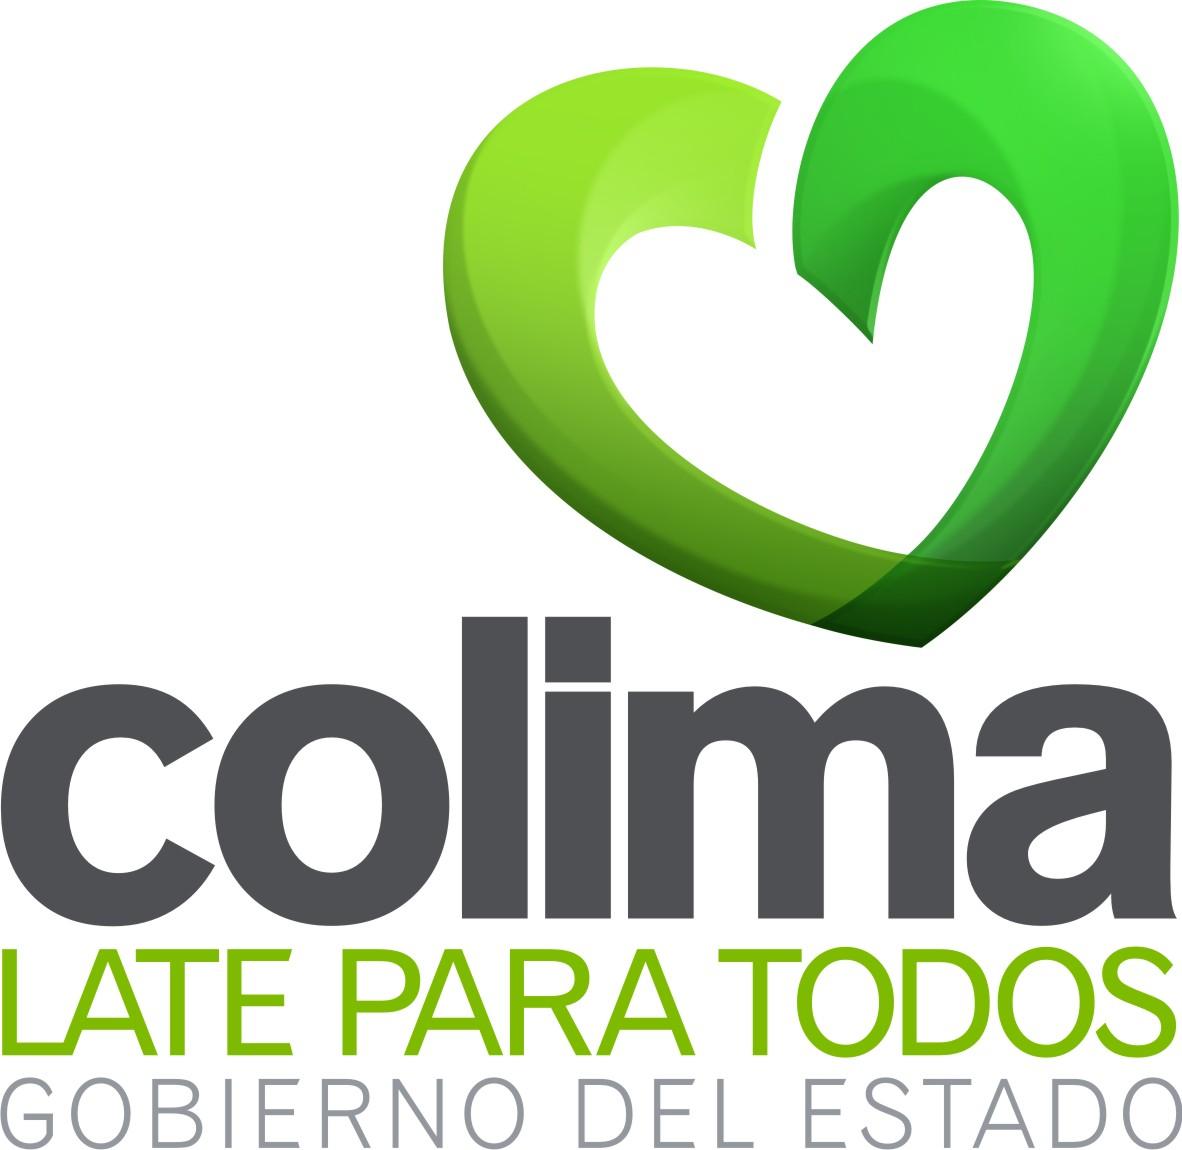 GOB DE COL